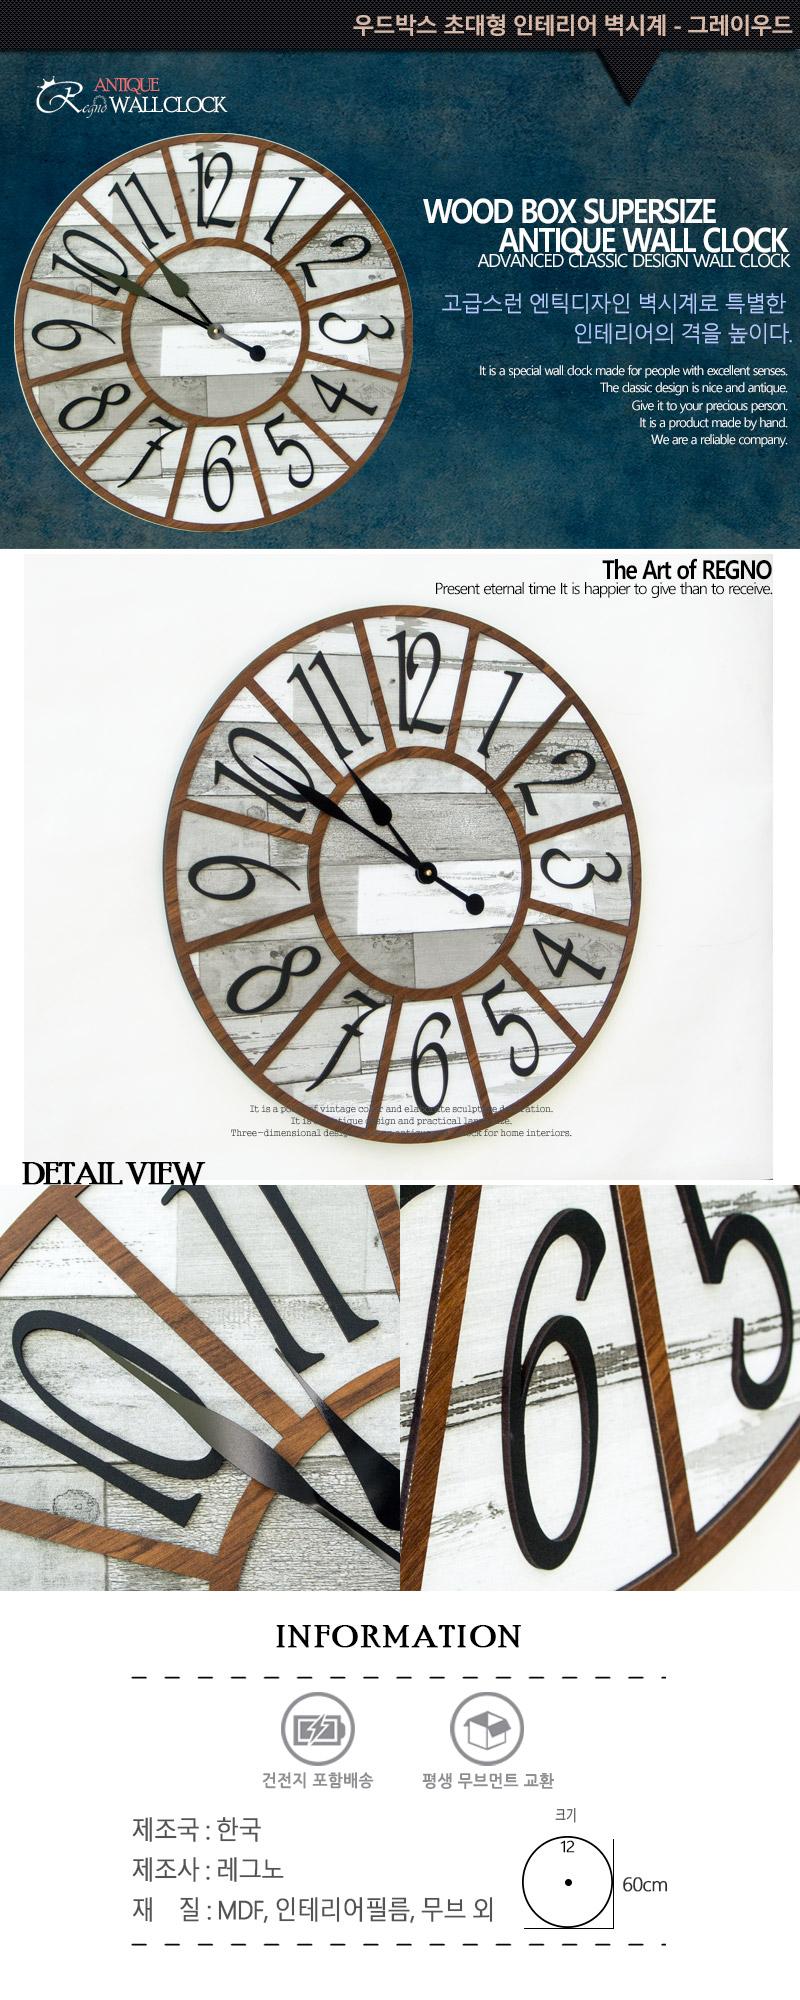 우드박스 초대형 인테리어 벽시계 - 로얄데코, 80,000원, 벽시계, 디자인벽시계